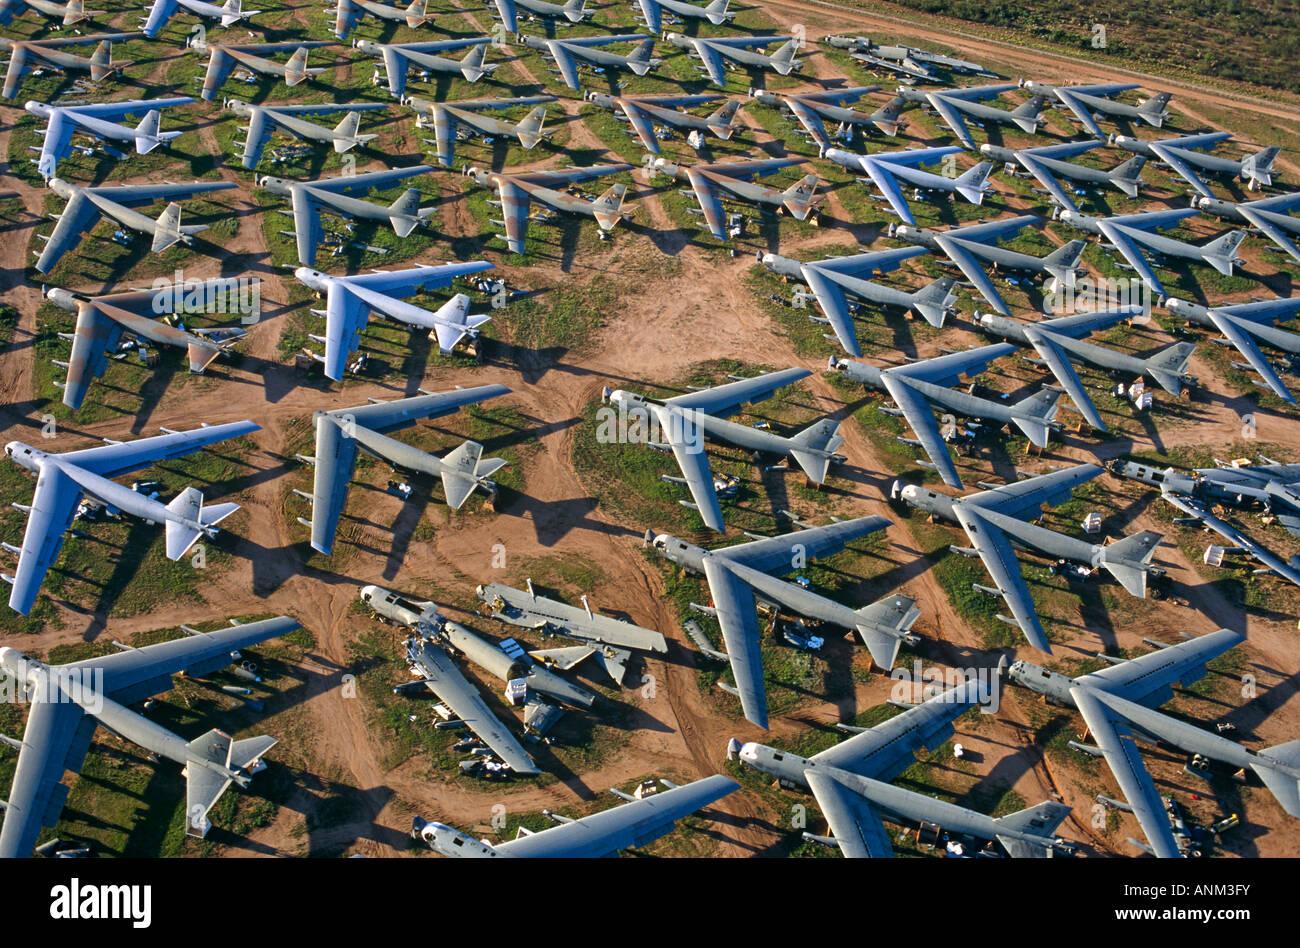 B-52 bombardiers de la guerre froide de l'US Air Force sont abandonnés à Davis Monthan cimetière Photo Stock